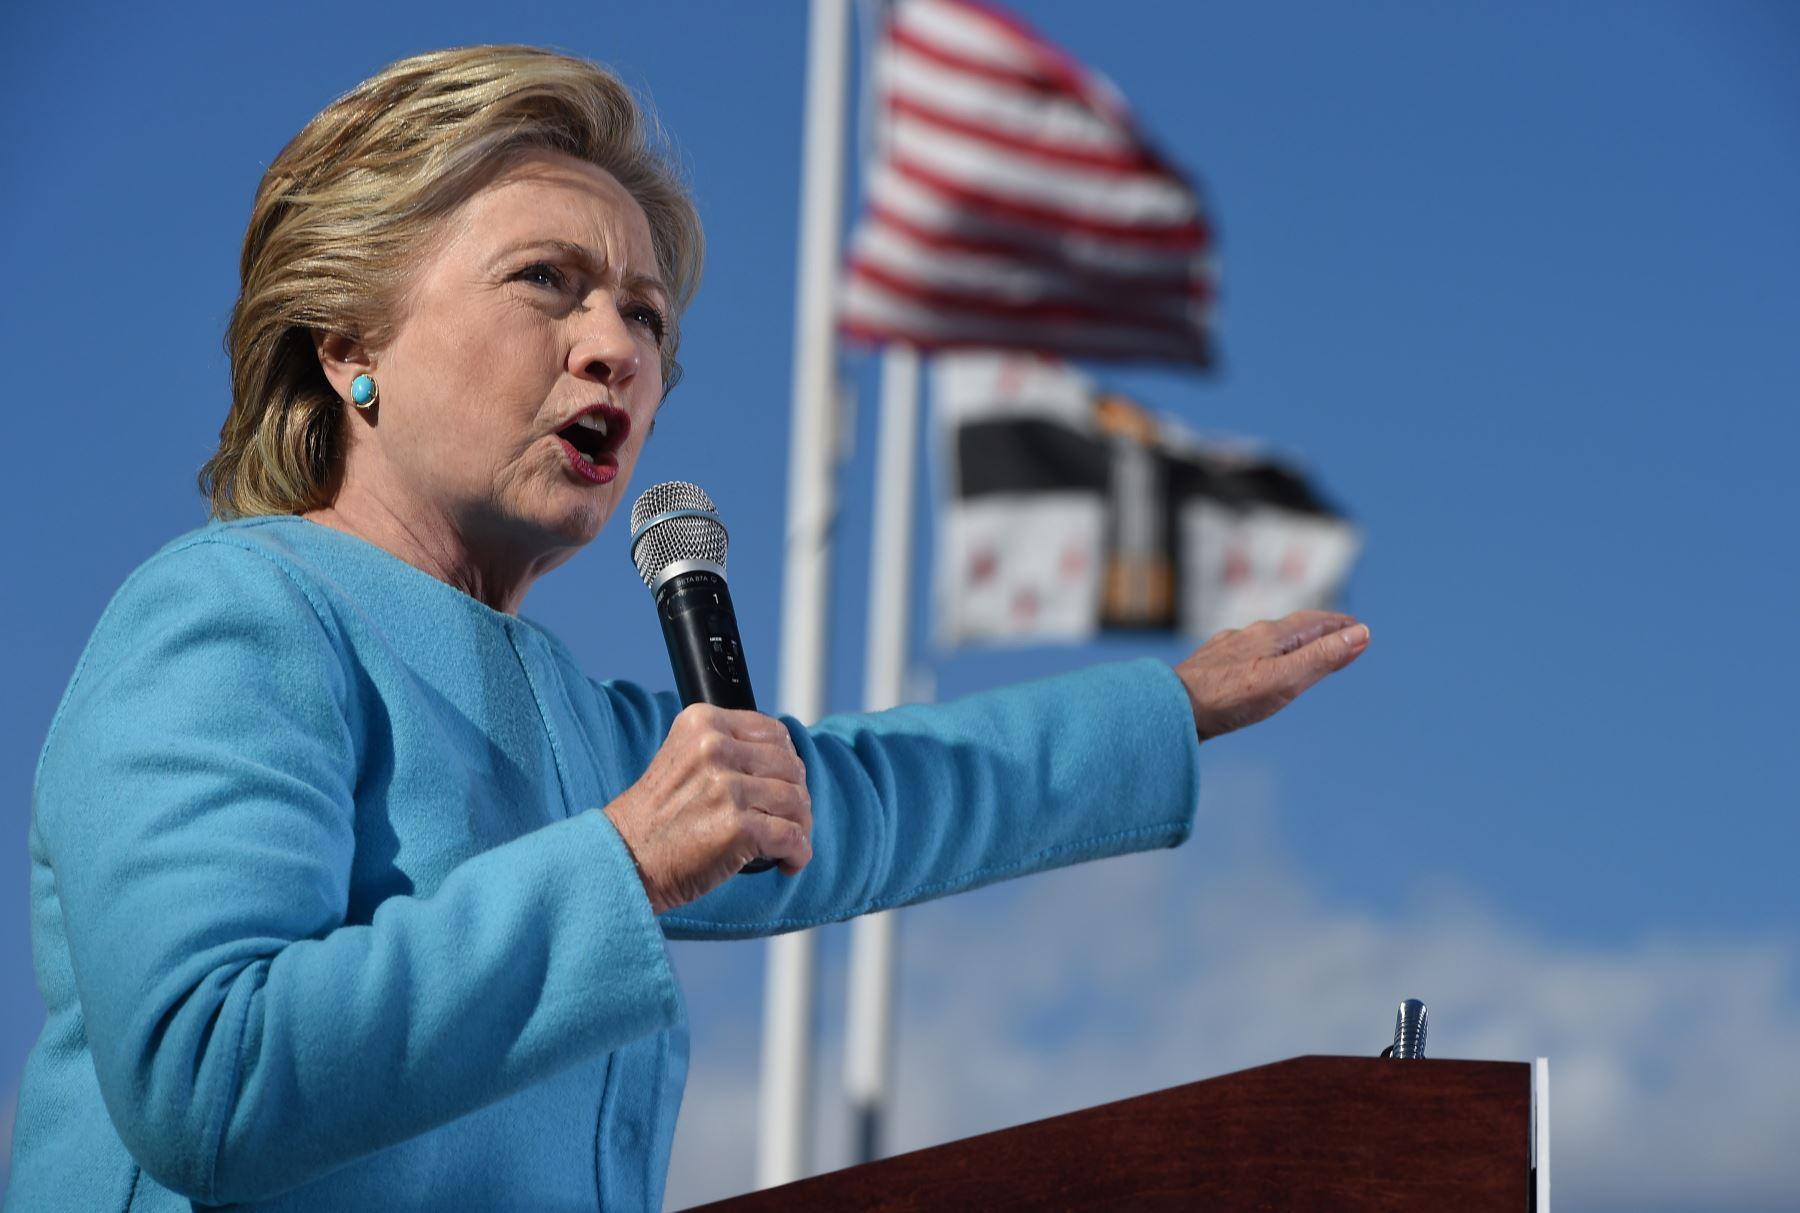 La candidata presidencial estadounidense Hillary Clinton habla en una reunión en San Anselm College. Foto: AFP